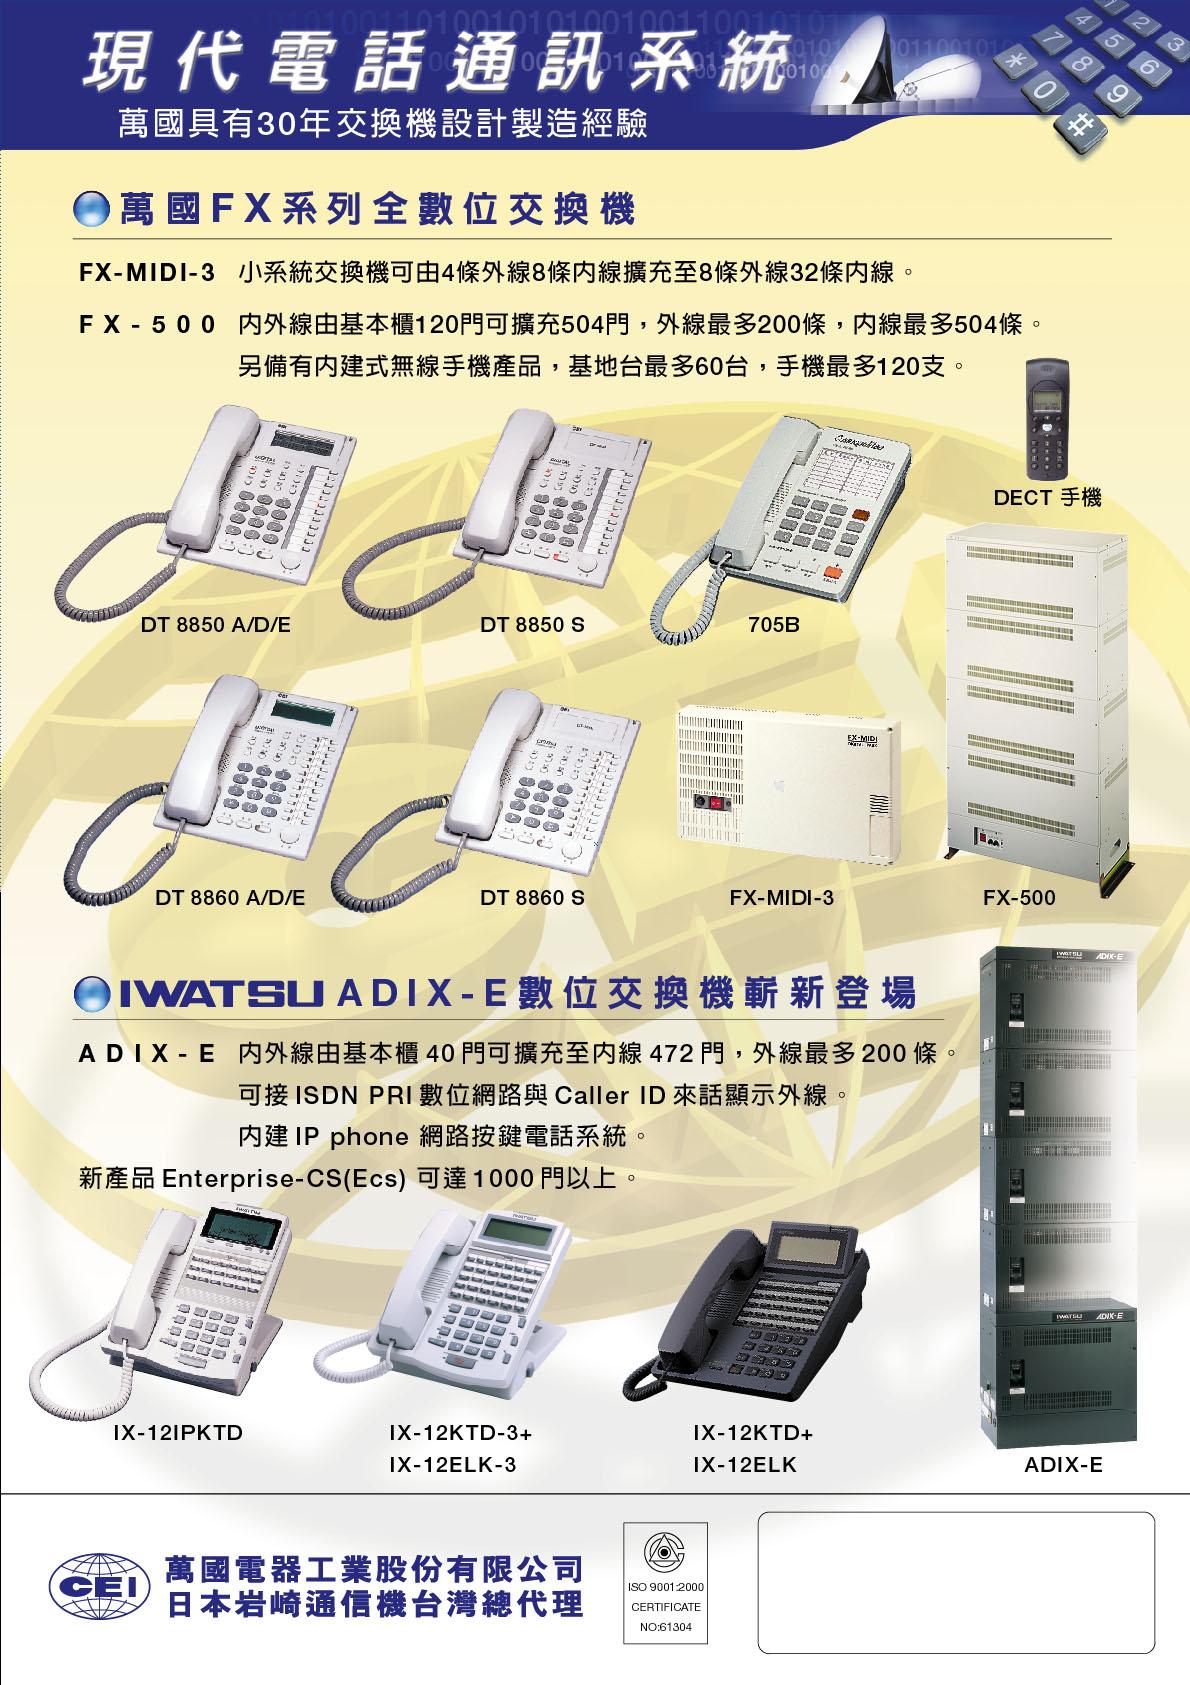 FX-MIDI-3 全數位交換機系統.jpg